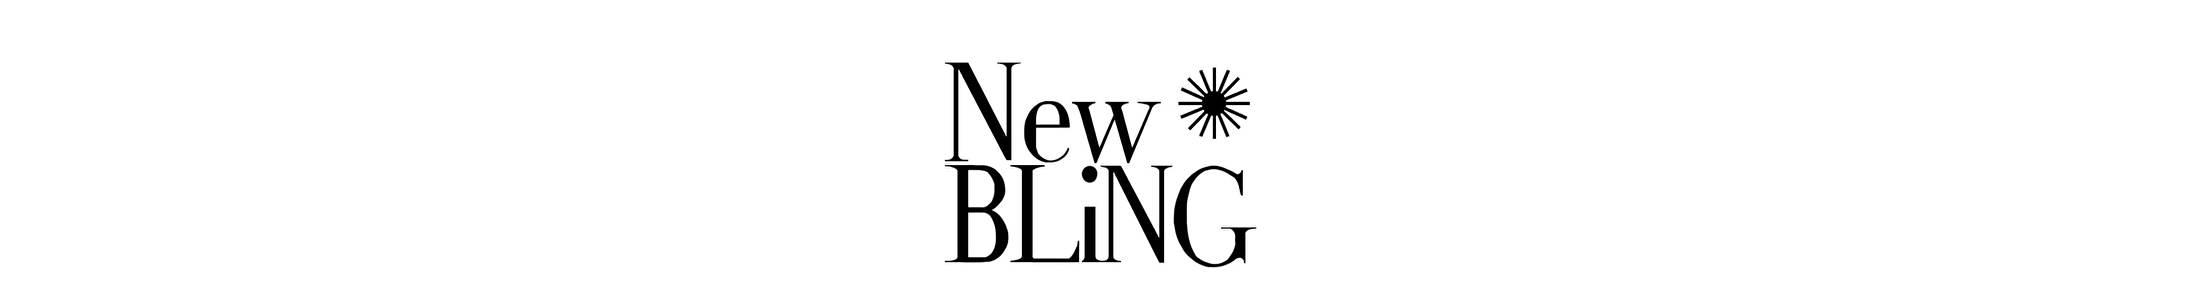 New Bling Logo